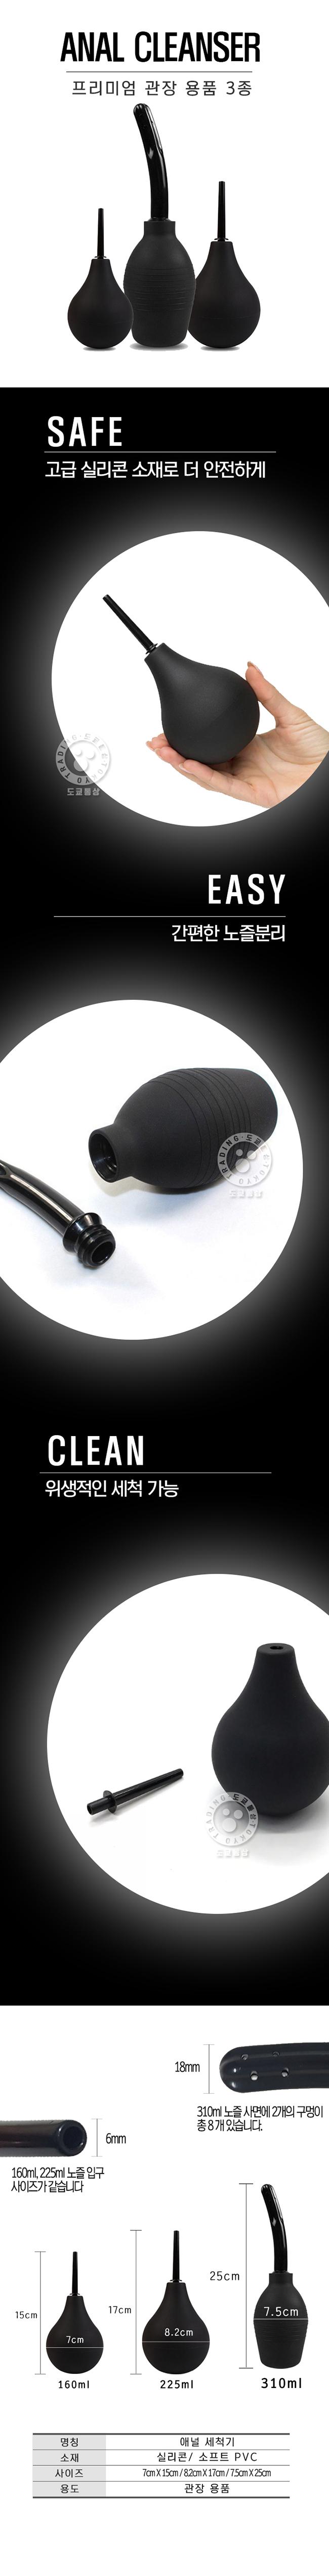 [관장 용품] 자멜리아 애널 세척기 관장용품 시리즈(Zemalia Anal Cleanser Series) (DKS)